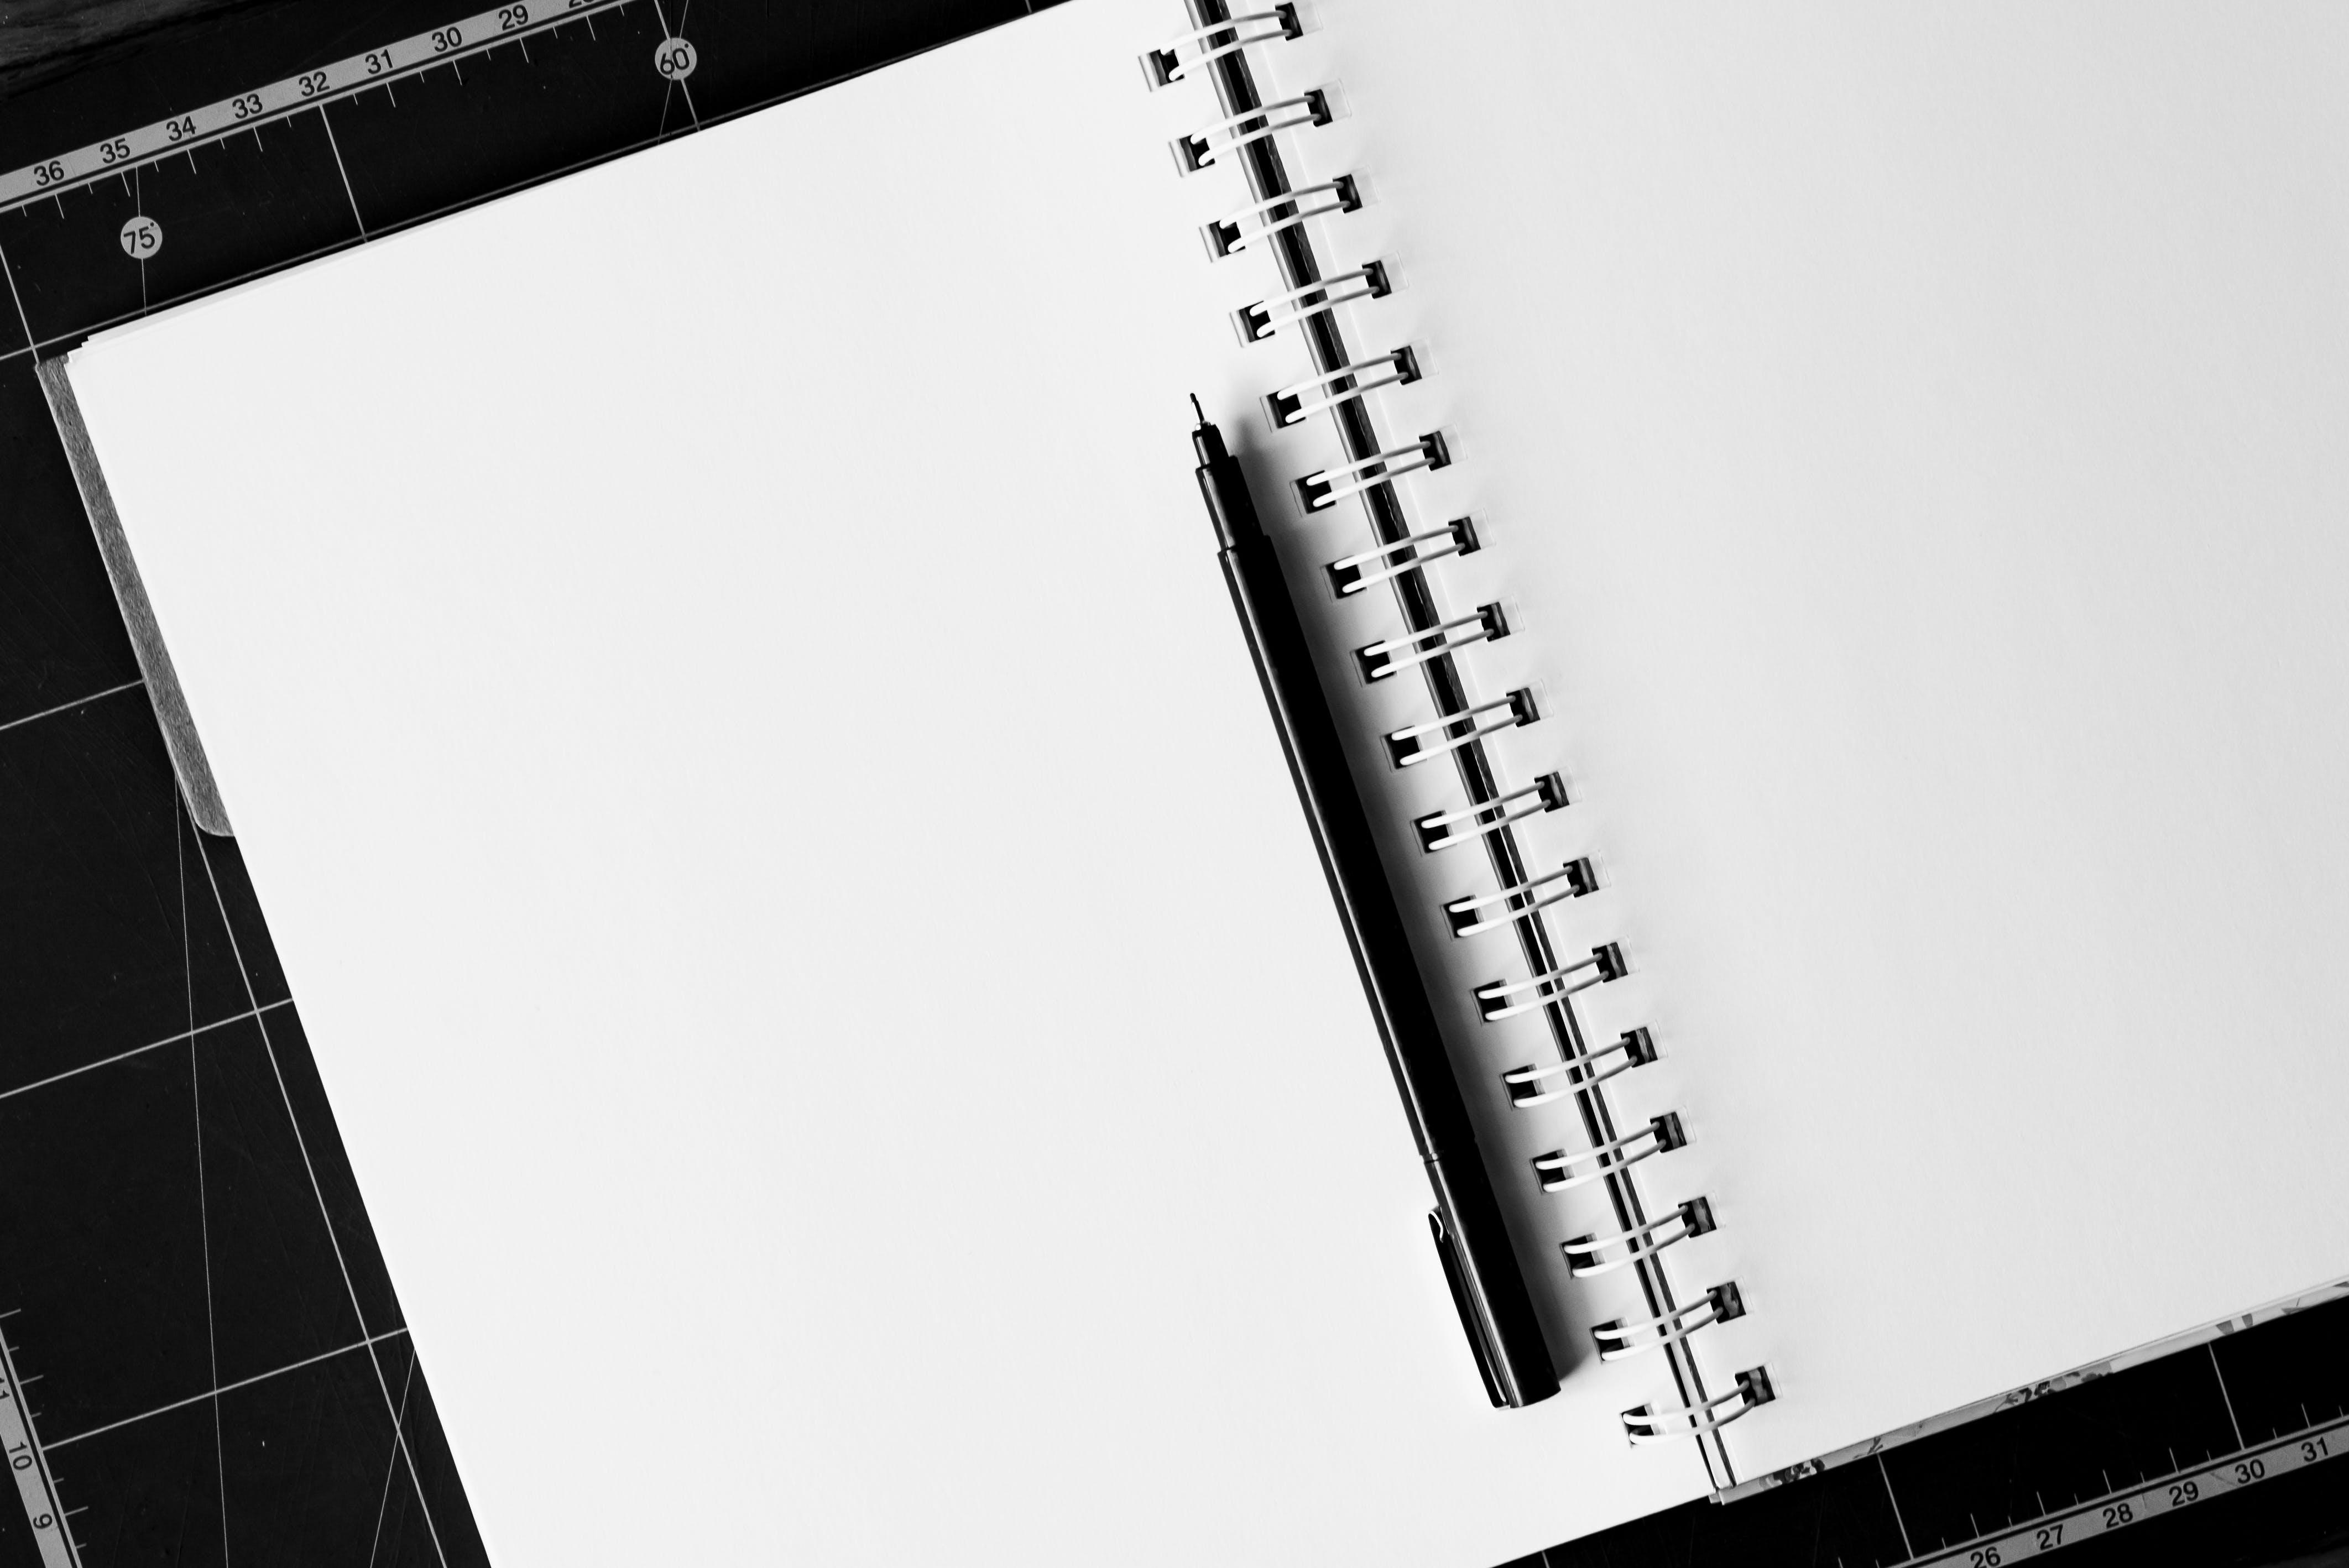 Ilmainen kuvapankkikuva tunnisteilla arkki, arkkitehtuuri, graafinen, kirjoituspöytä